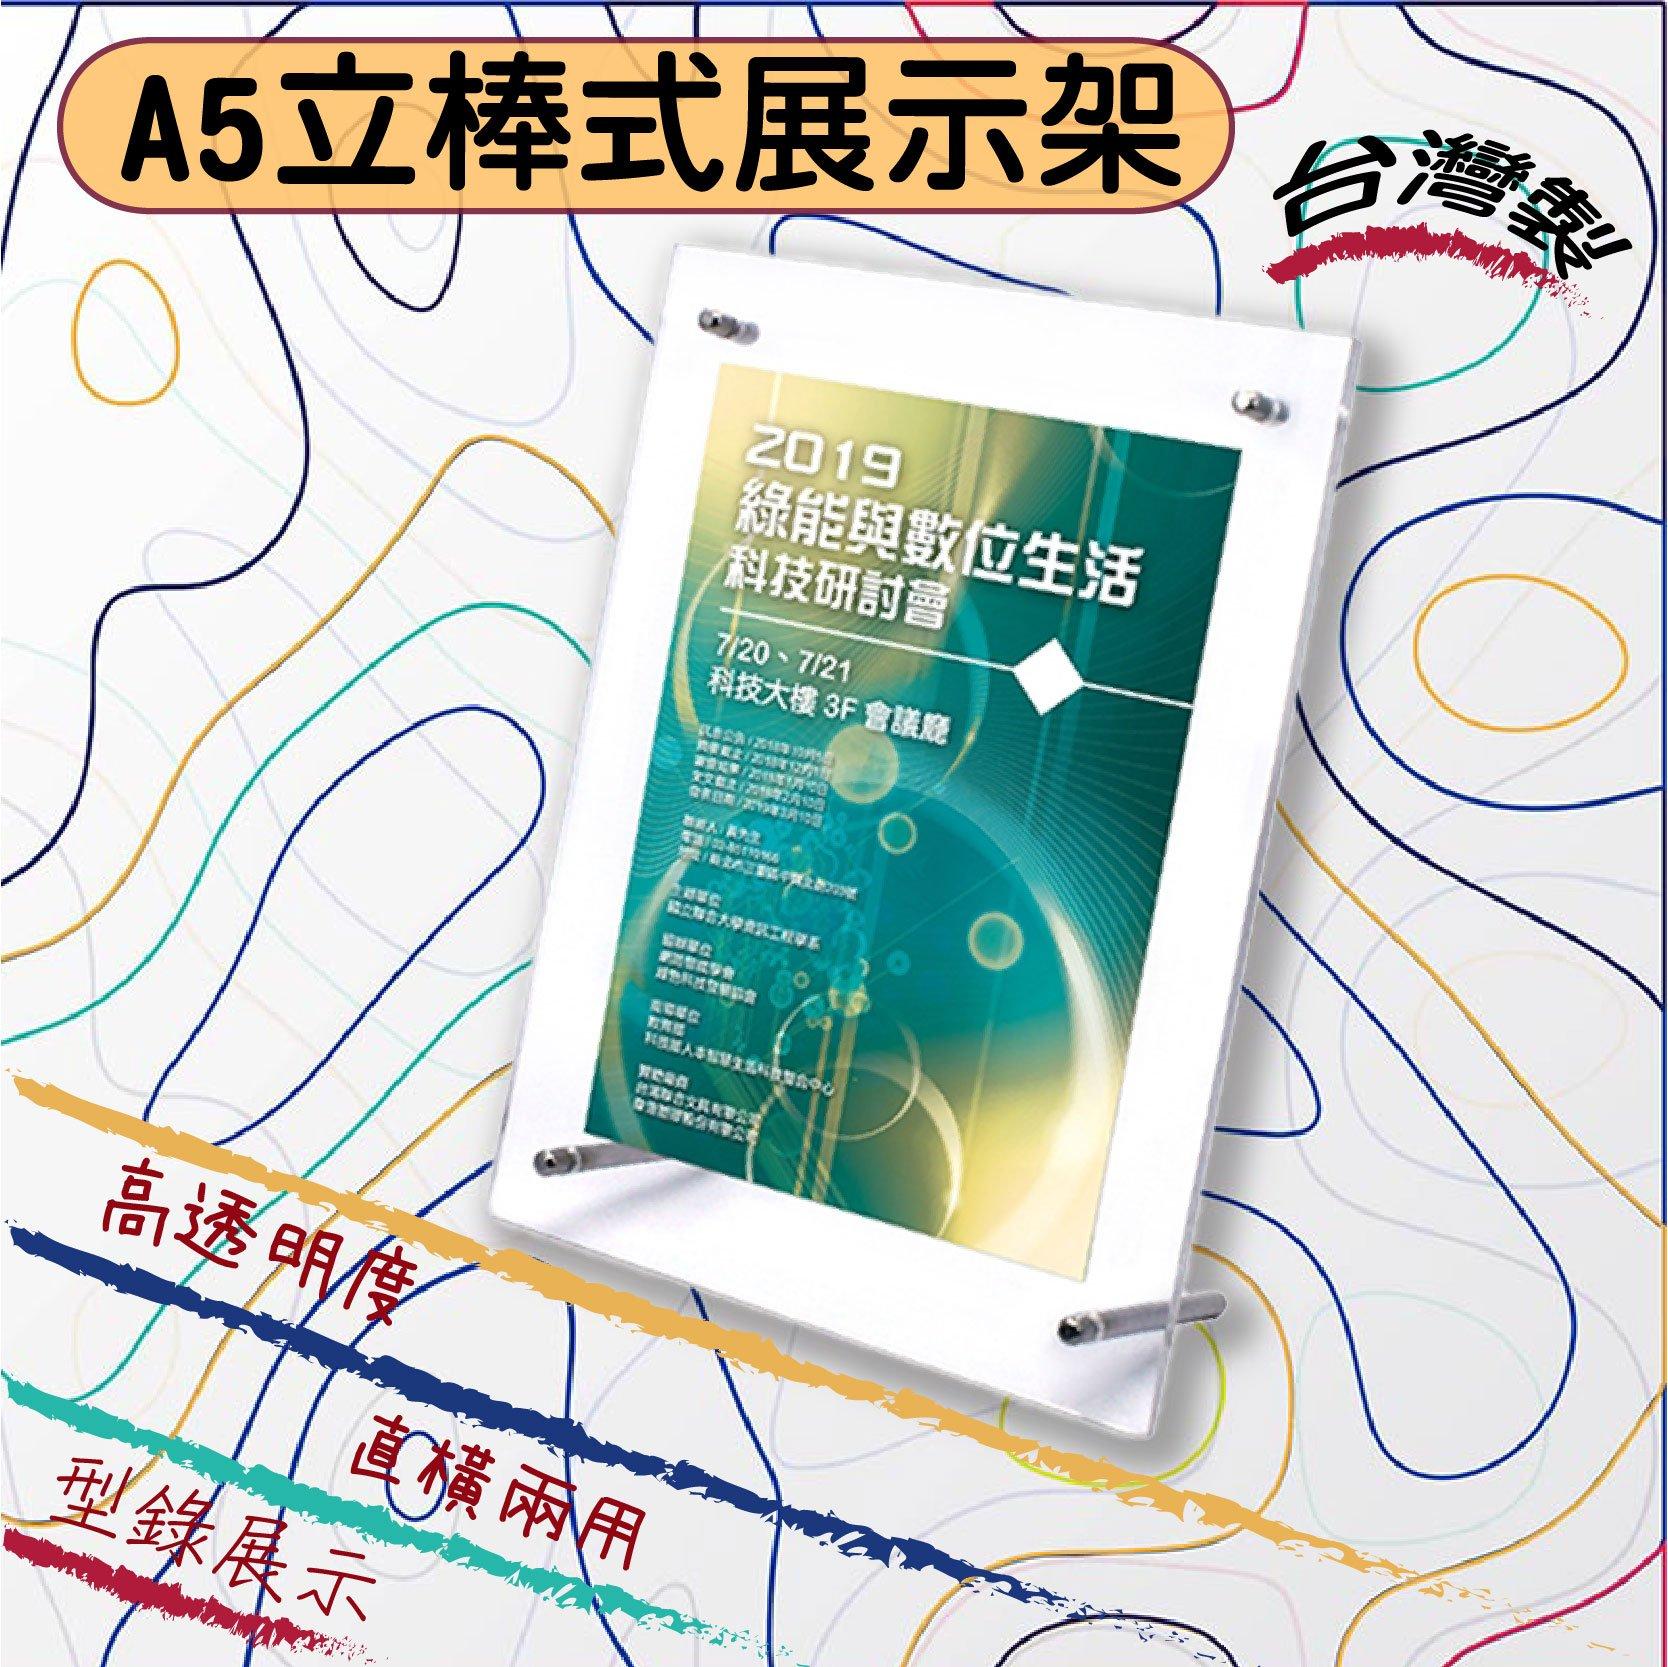 宣傳好物~A5立棒式展示架 T2518 (文宣 廣告 菜單 DM 型錄 廣告板 佈告欄 公布欄 展示板)